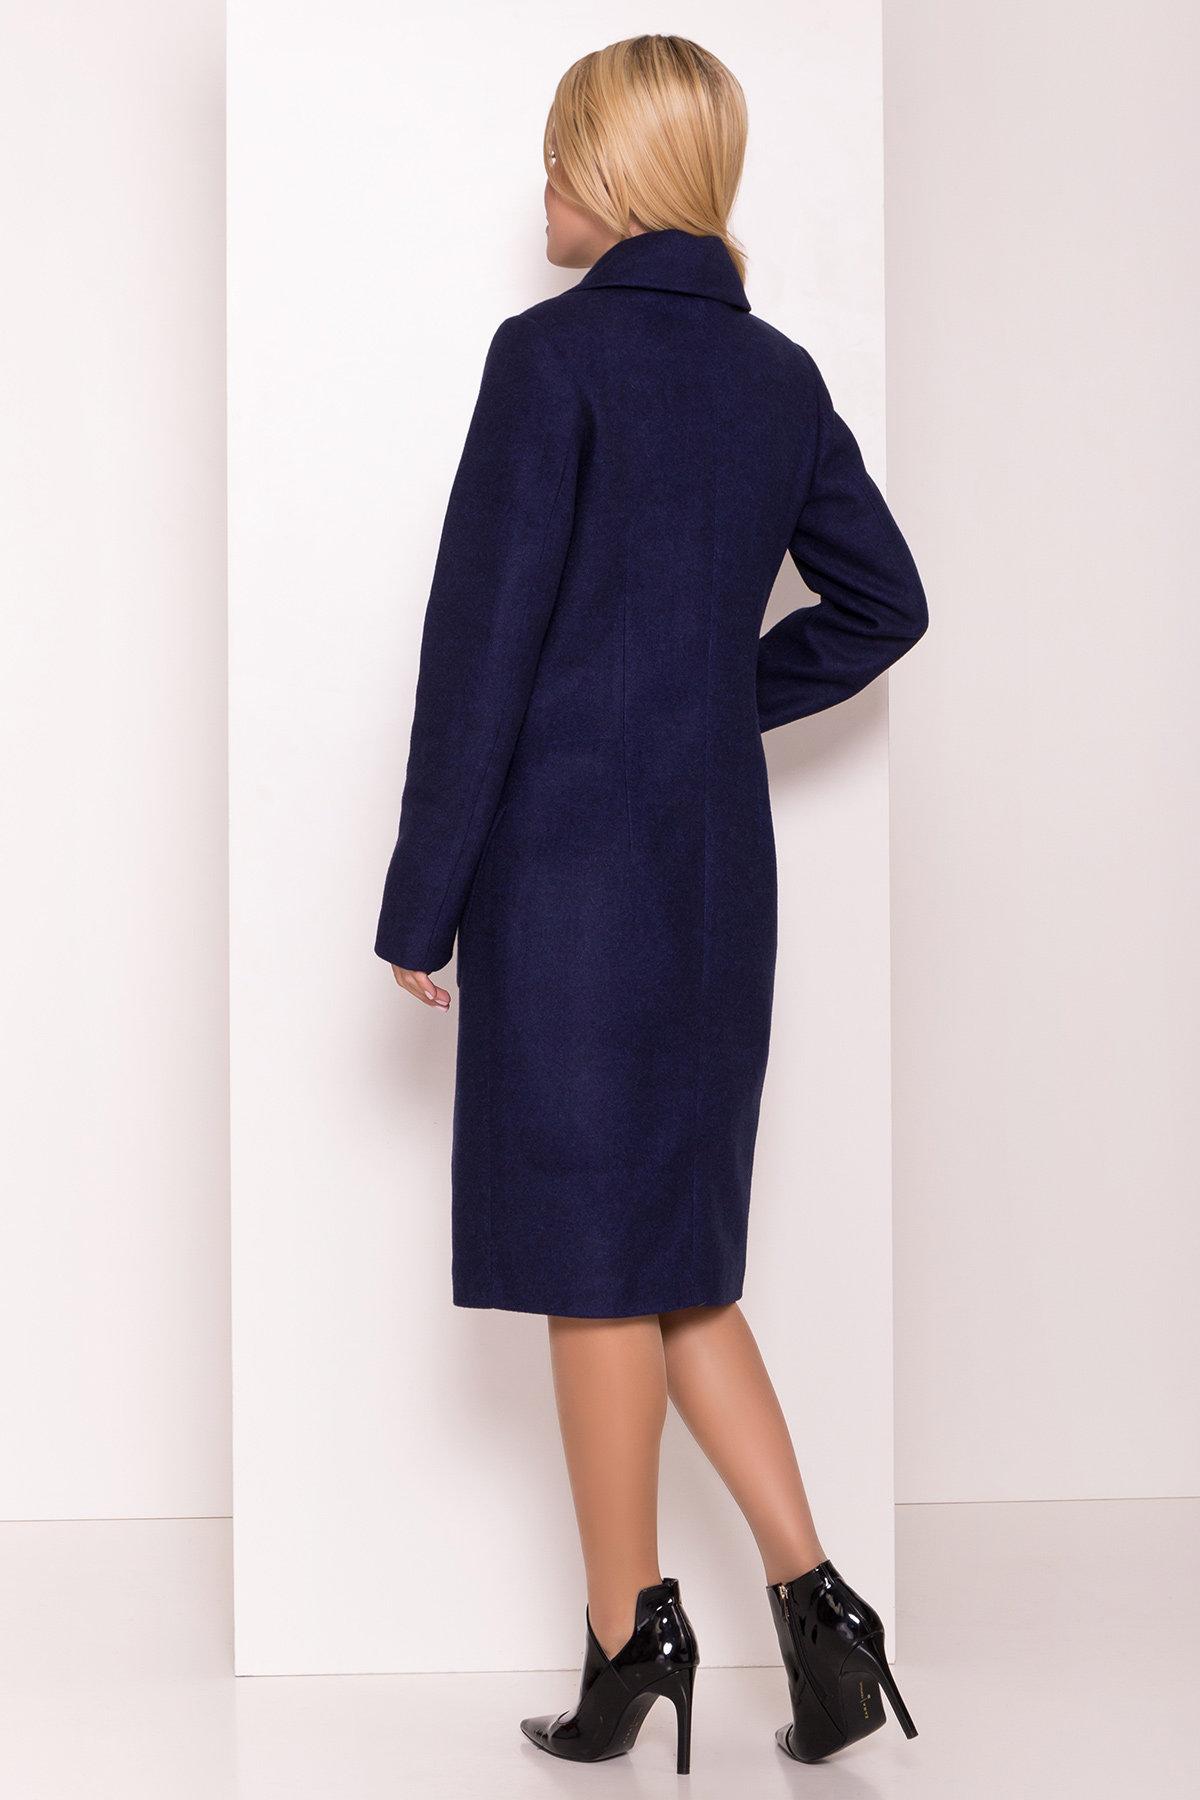 Классическое пальто Габриэлла 7872 АРТ. 43799 Цвет: Т.синий 17 - фото 3, интернет магазин tm-modus.ru